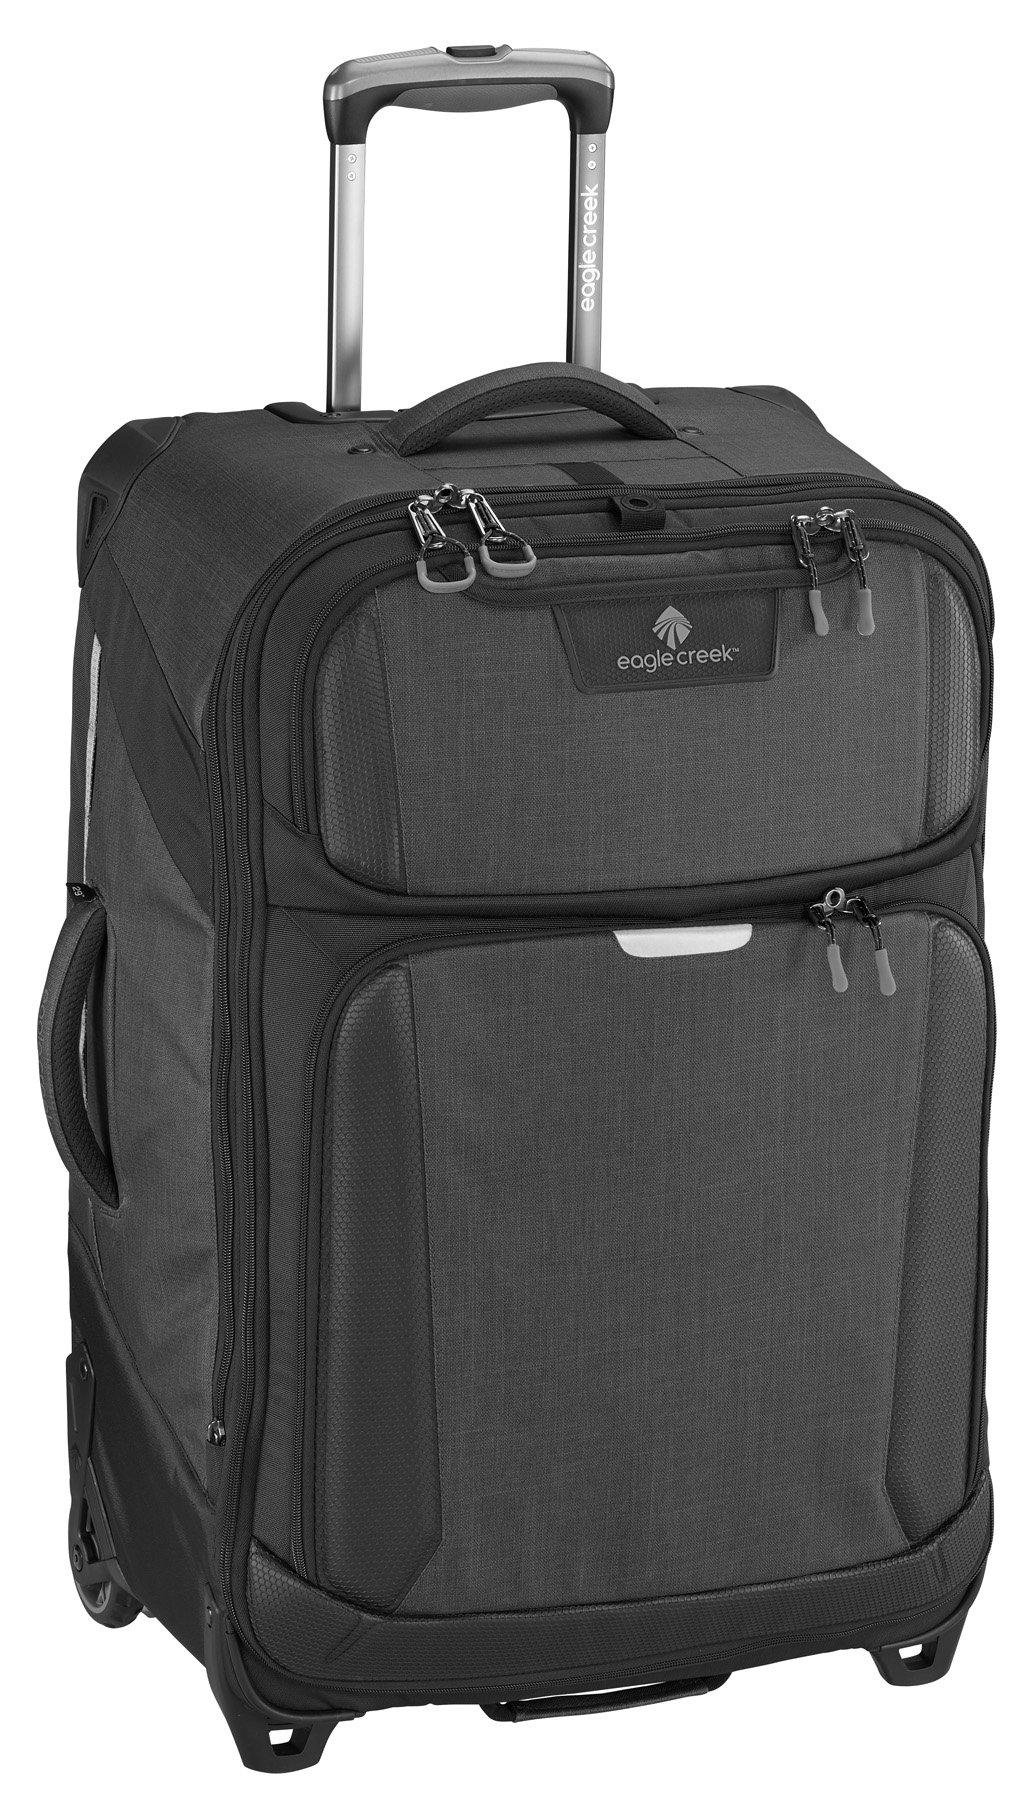 Eagle Creek Tarmac 29 inch Luggage, Asphalt Black